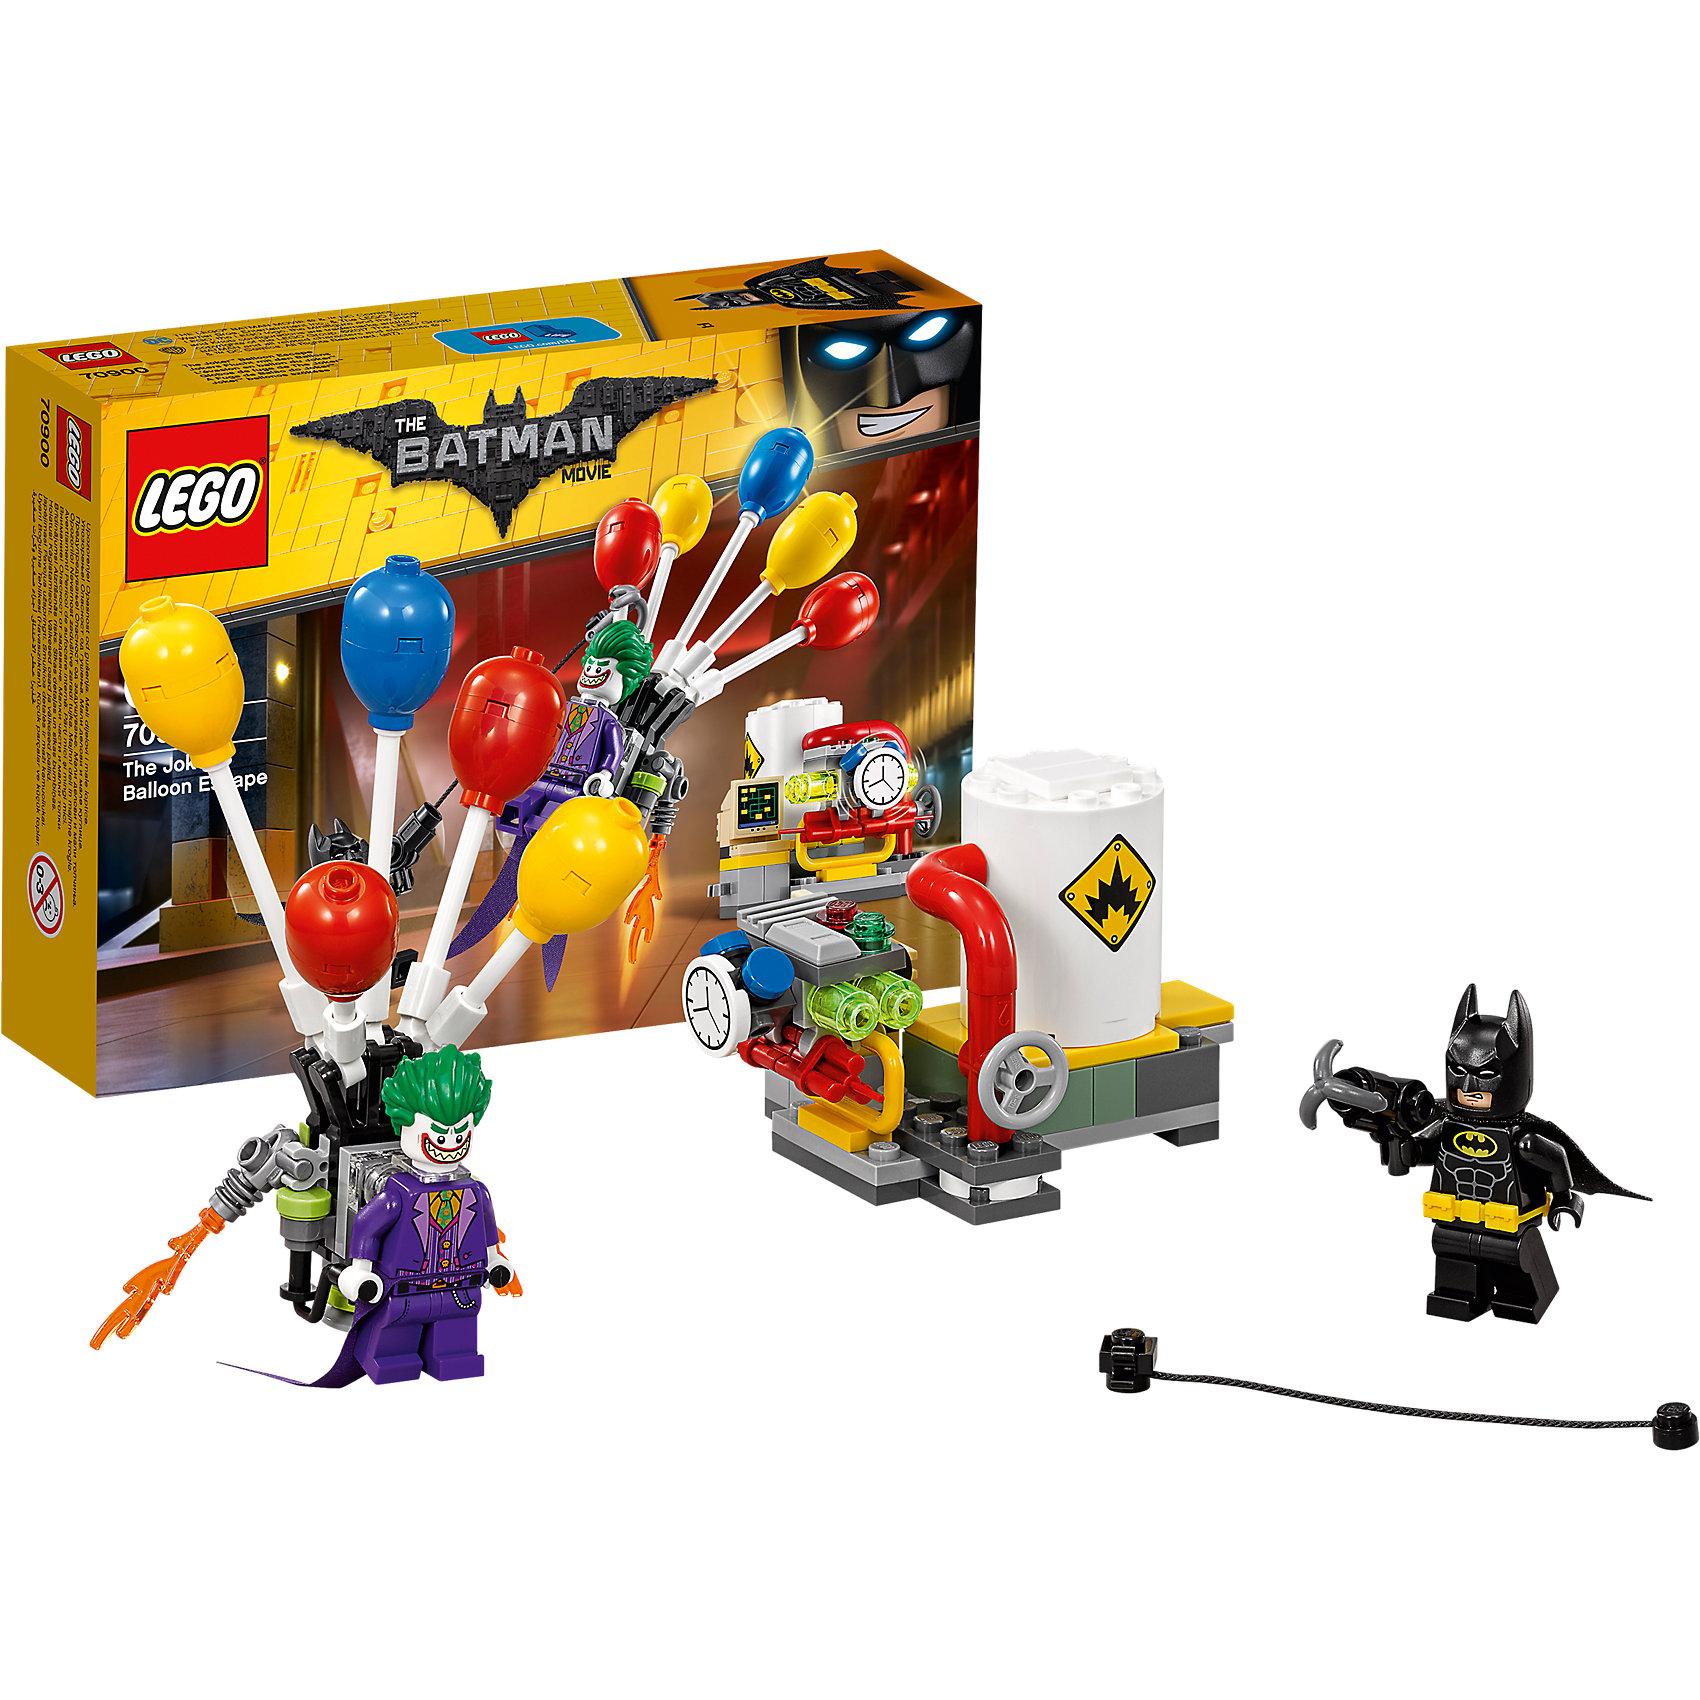 LEGO Batman Movie 70900: Побег Джокера на воздушном шареПластмассовые конструкторы<br>LEGO Batman Movie 70900: Побег Джокера на воздушном шаре<br><br>Характеристики:<br><br>- в набор входит: детали топливной станции, 2 минифигурки, аксессуары, красочная инструкция<br>- минифигурки набора: Джокер, Бэтмен<br>- состав: пластик<br>- количество деталей: 124 <br>- размер рюкзака с шариками: 11 * 4 * 9 см.<br>- размер топливной станции: 6 * 7 * 6 см.<br>- примерное время сборки: 20 мин.<br>- для детей в возрасте: от 8 до 14 лет<br>- Страна производитель: Дания/Китай/Чехия<br><br>Легендарный конструктор LEGO (ЛЕГО) представляет серию «Batman Movie» (Бэтмен Муви) по сюжету одноименного лего мультфильма. Серия понравится любителям комиксов DC и историй о Бэтмене. <br><br>Фигурка Джокера выполнена очень качественно с интересными прорисовками его костюма и тканевым продолжением его фиолетового фрака. Два новых выражения лица позволят придумать множество сценариев игры. Фигурка Бэтмена также выполнена прекрасно, классический черный костюм Бэтмена с плащом, желтым ремнем и черной маской. Сам герой оснащен устройством с крюком для быстрого перемещения. Реактивный ранец Джокера поднимает его ввысь чтобы осуществить свой план побега. Ранец крепится на отдельную прозрачную деталь, шарики ранца можно фиксировать в любой позиции. Топливная станция оснащена всеми необходимыми знаками о взрывоопасности, кнопками, компьютером управления, деталей-вентелем для труб. Специальная функция отделяет цистерну имитируя взрыв. Джокера можно ставить на вершину цистерны. <br><br>Прекрасный набор радует поклонников новыми деталями, а также содержит двух самых главных героев мультфильма. Набор объединяется с двумя другими наборами серии - 70910:Пугало, специальная доставка и 76081: Ледяная aтака Мистера Фриза позволя сделать уникальные сценки.<br><br>Конструктор LEGO Batman Movie 70900: Побег Джокера на воздушном шаре можно купить в нашем интернет-магазине.<br><br>Ширина мм: 195<br>Глубина мм: 139<br>В